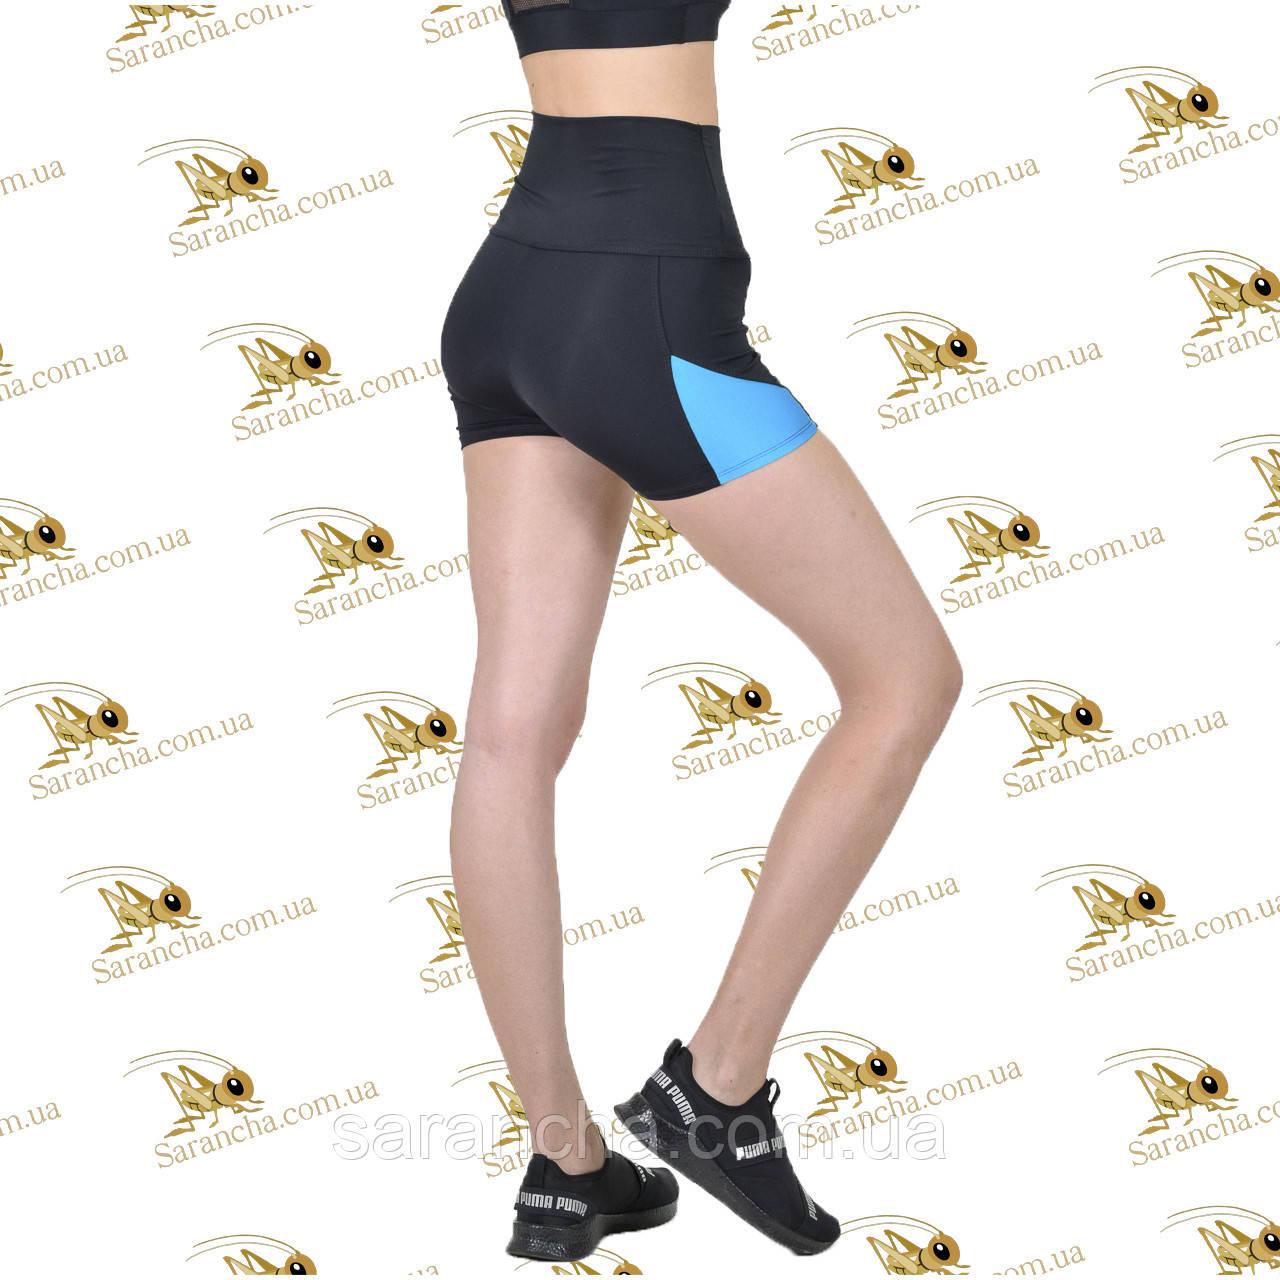 Жіночі спортивні стяжка-шорти із завищеною талією з блакитними вставками